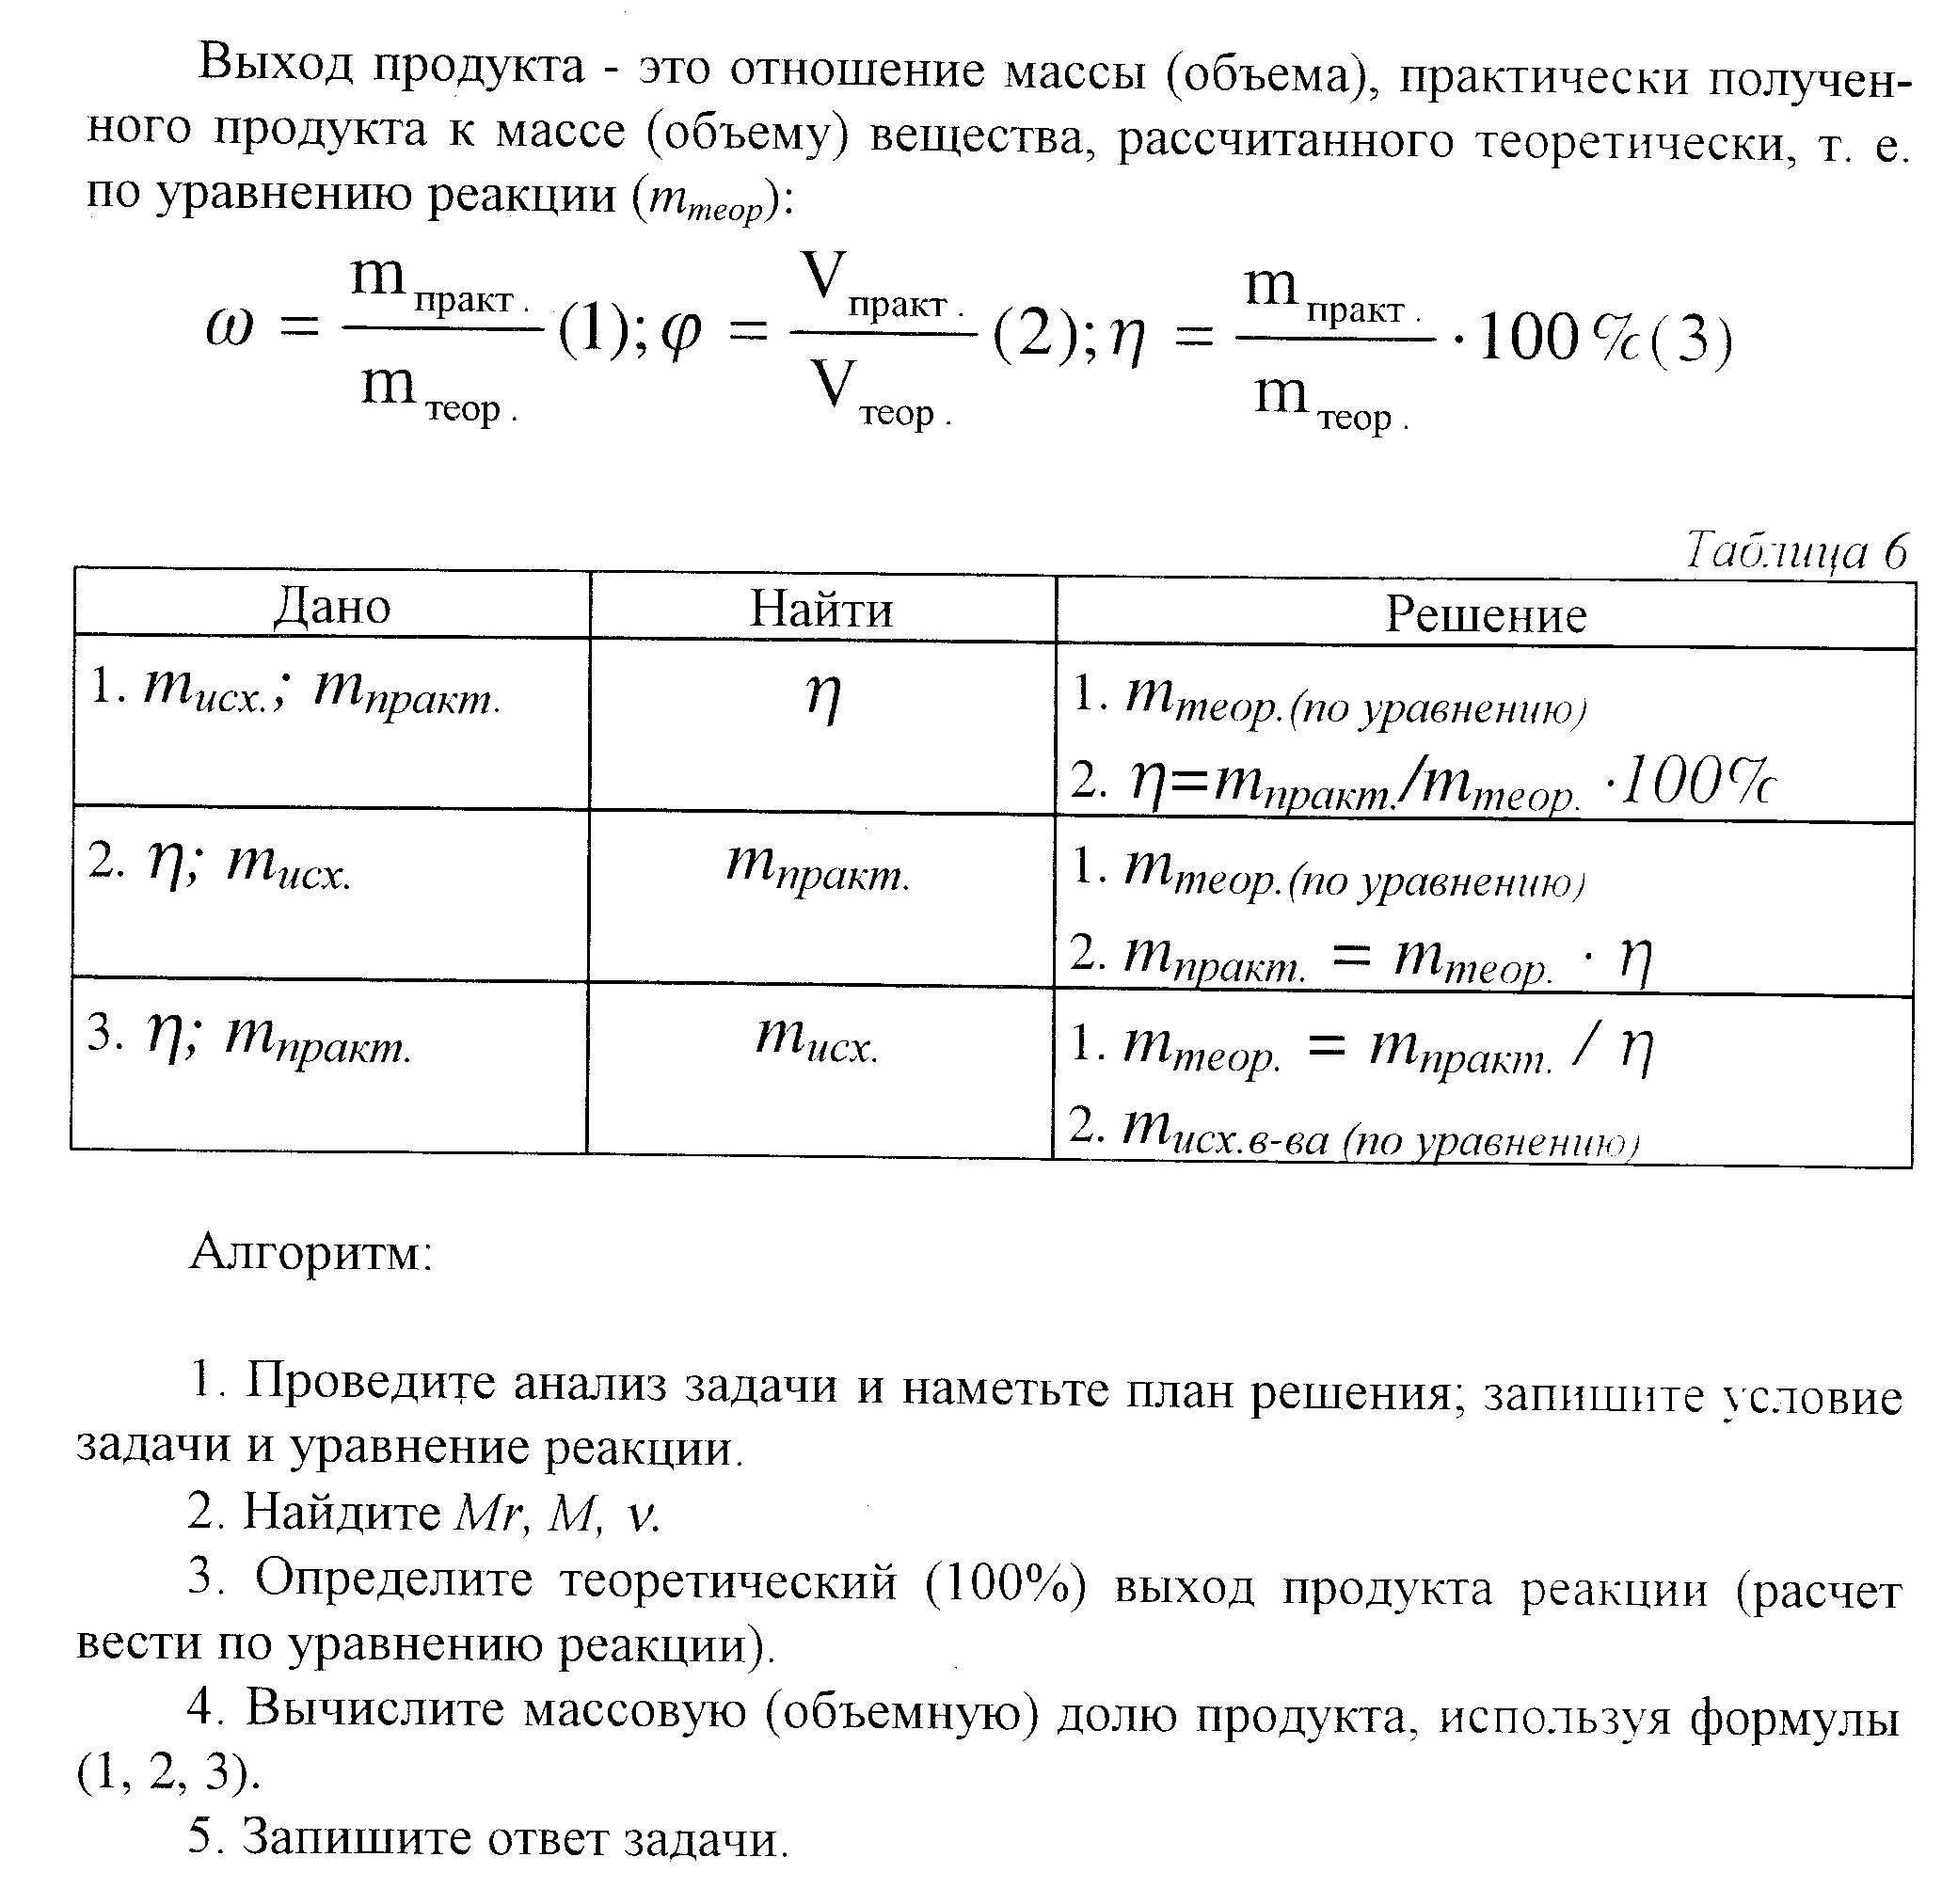 Решение задач по химии 7 класс учебник решения задач в паскале с процедурами